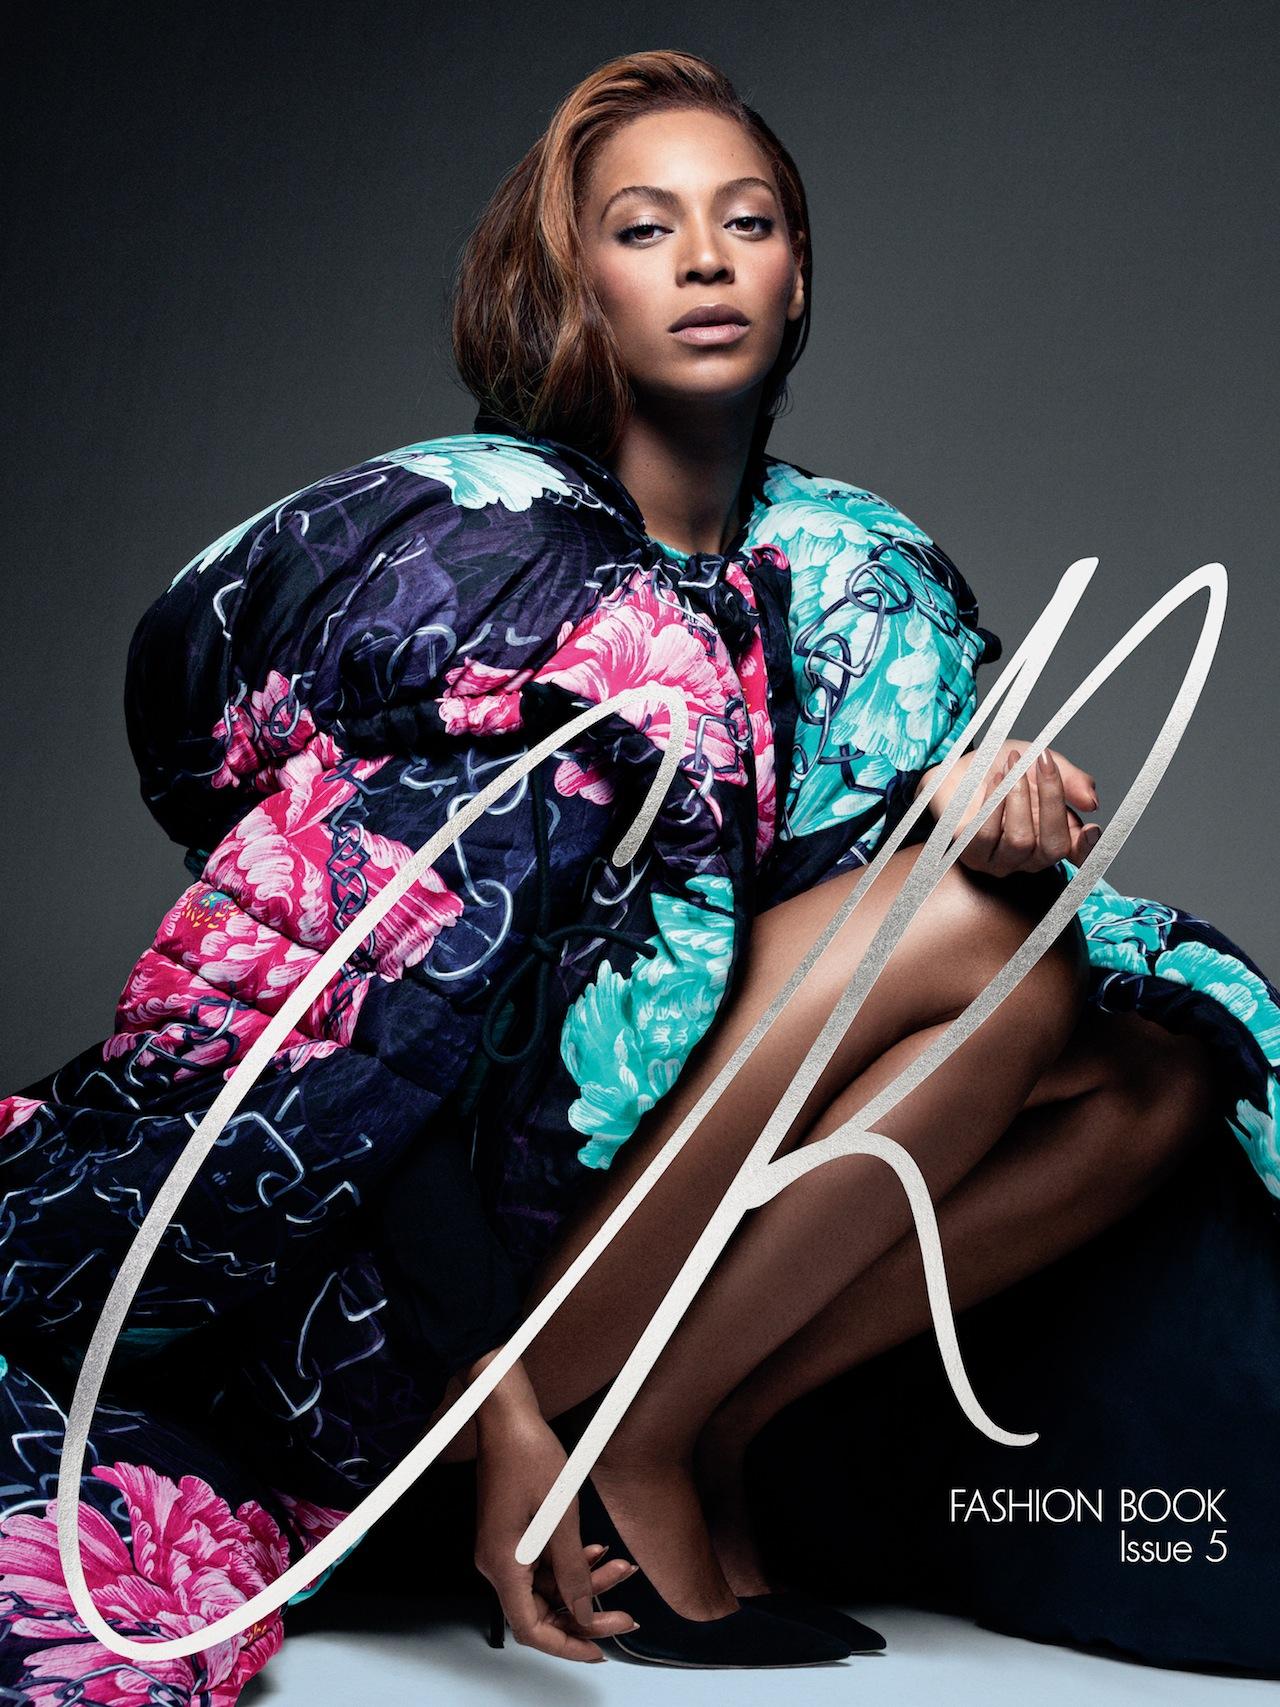 Beyoncé photographed by Pierre Debusschere